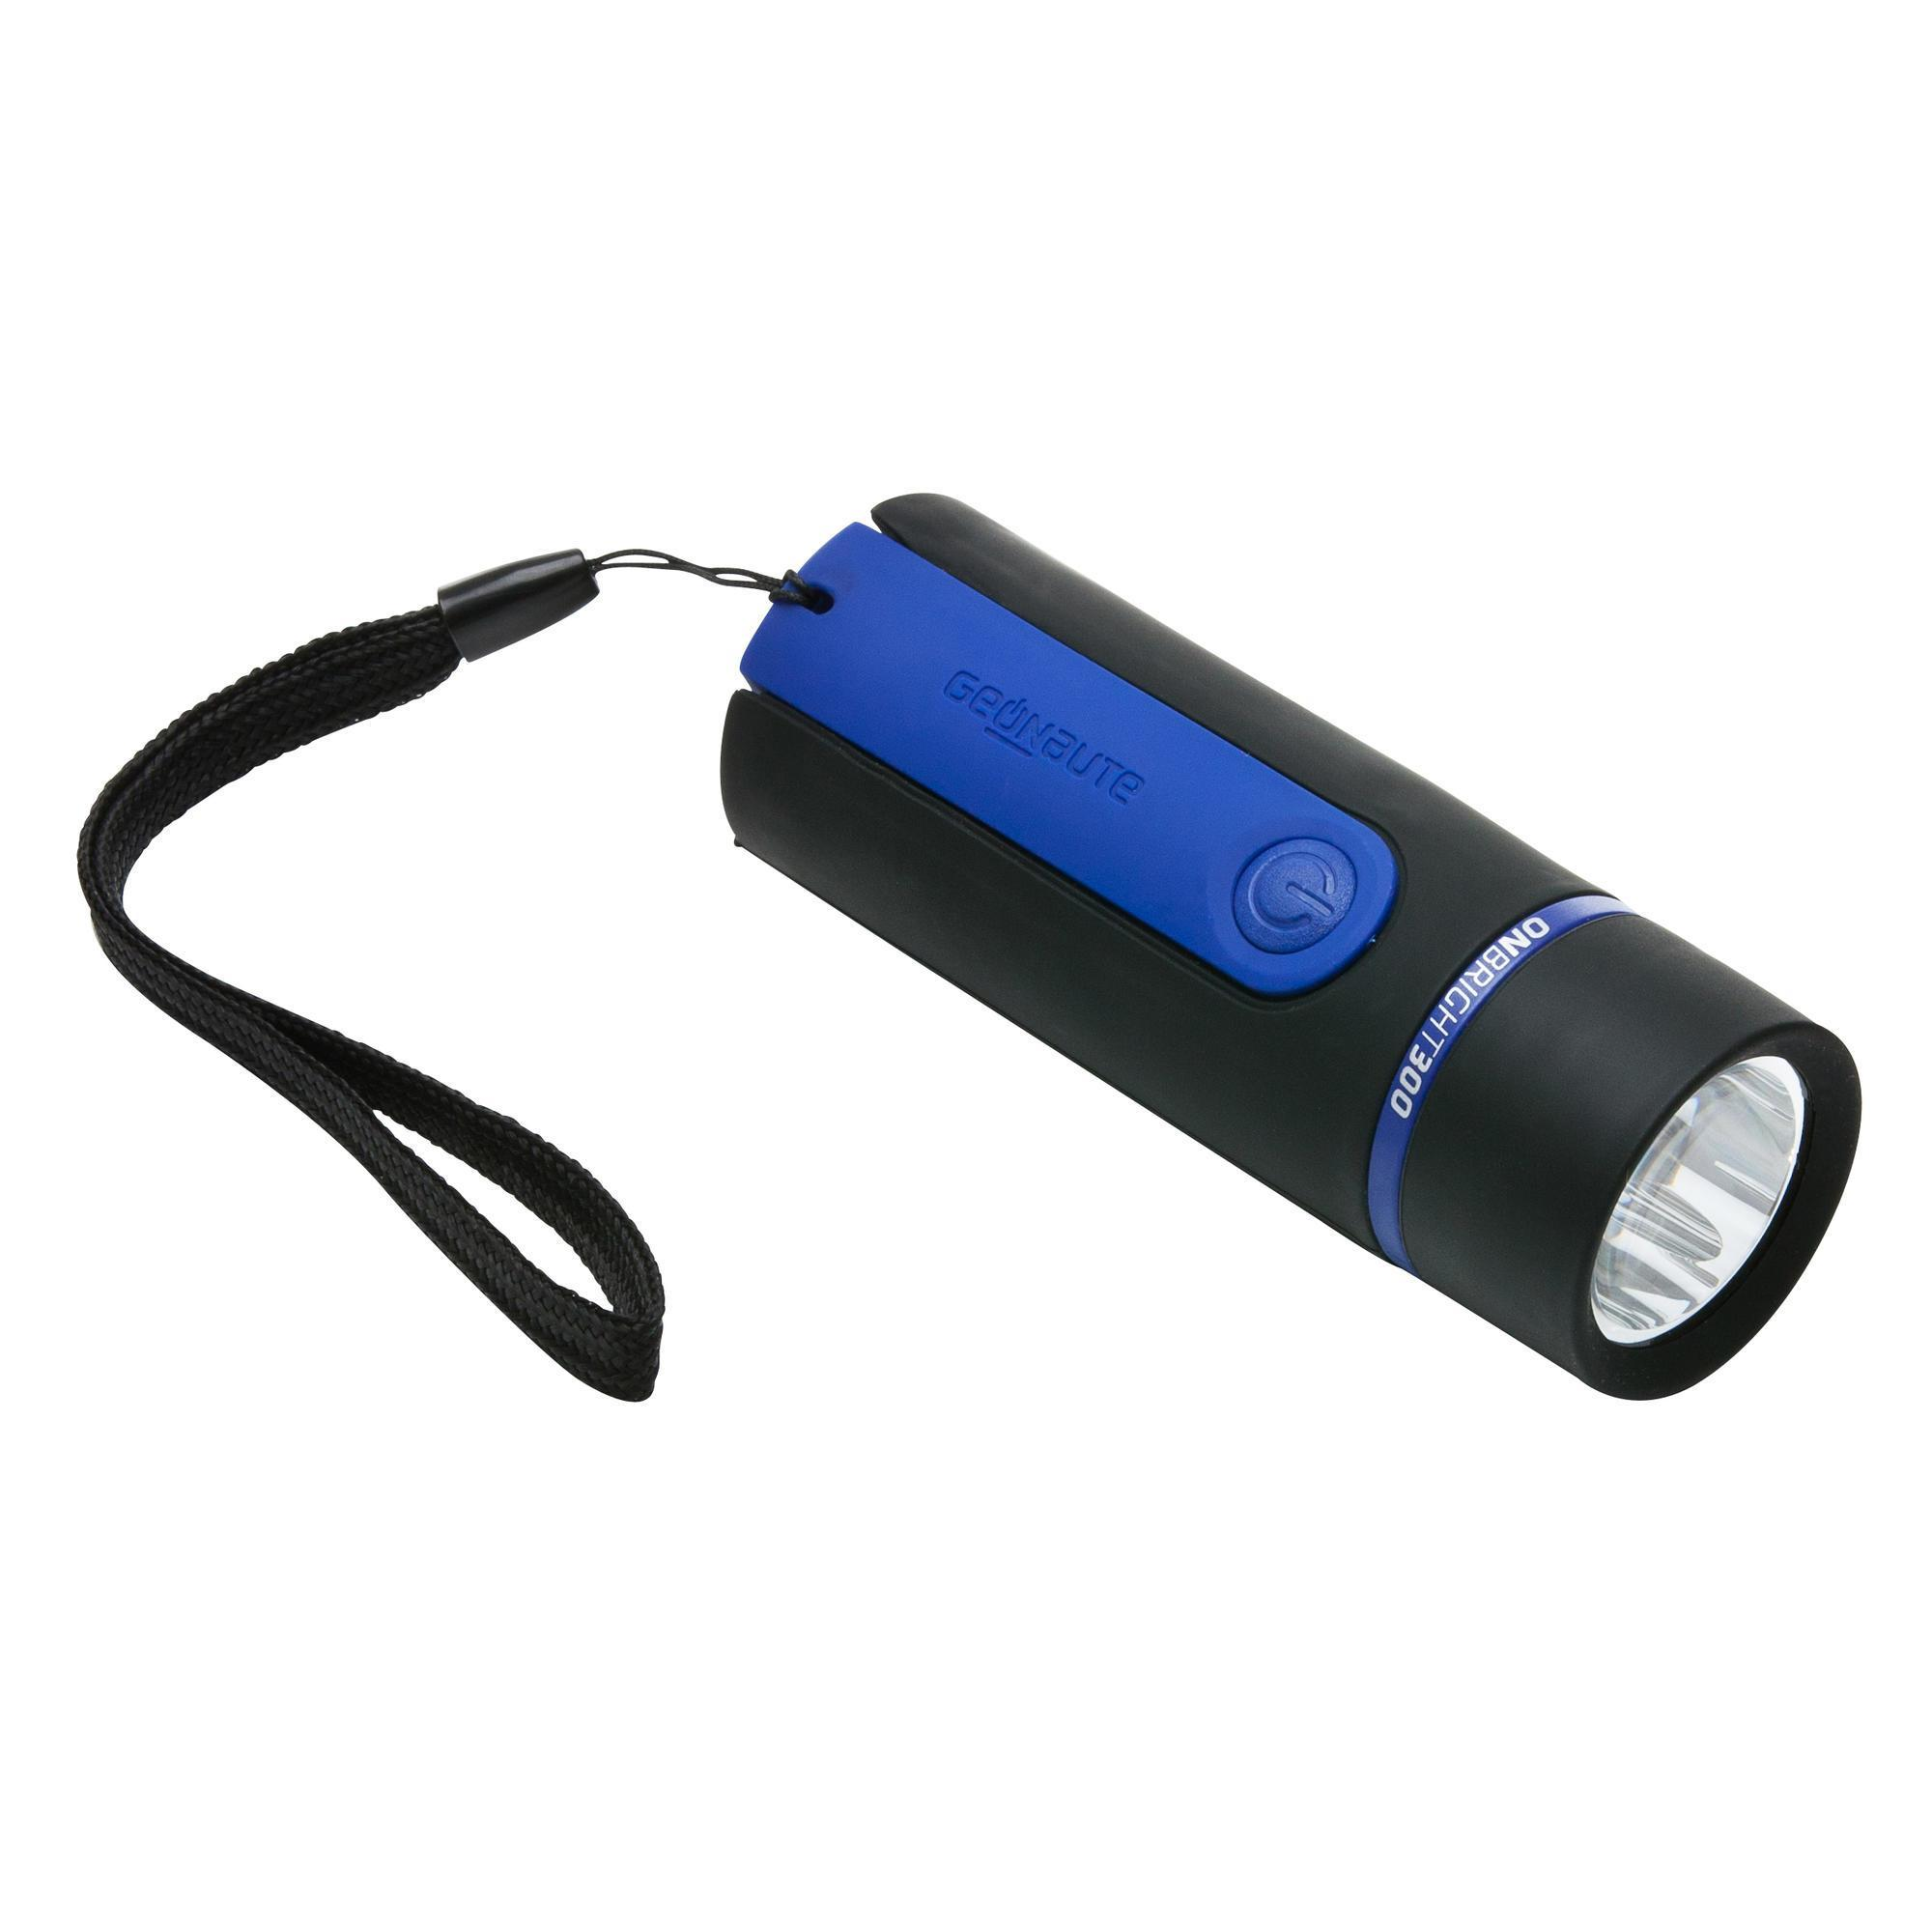 Lampe Torche de bivouac ONBRIGHT 300 Rubber Bleue - 30 lumens - Forclaz